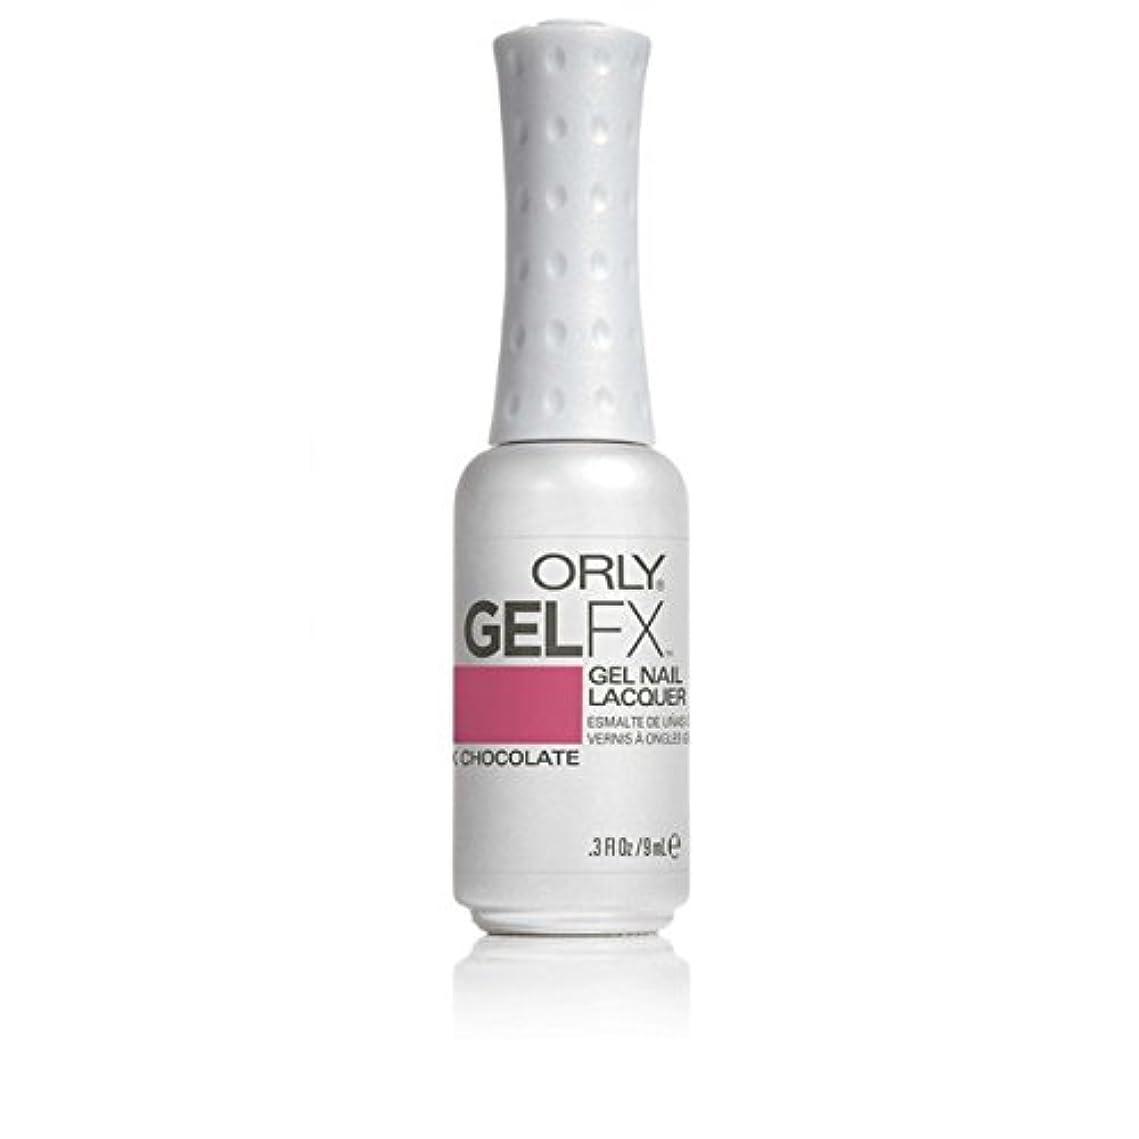 ローブ改善する著者ORLY(オーリー)ジェルFXジェルネイルラッカー 9ml ピンクチョコレート#30416